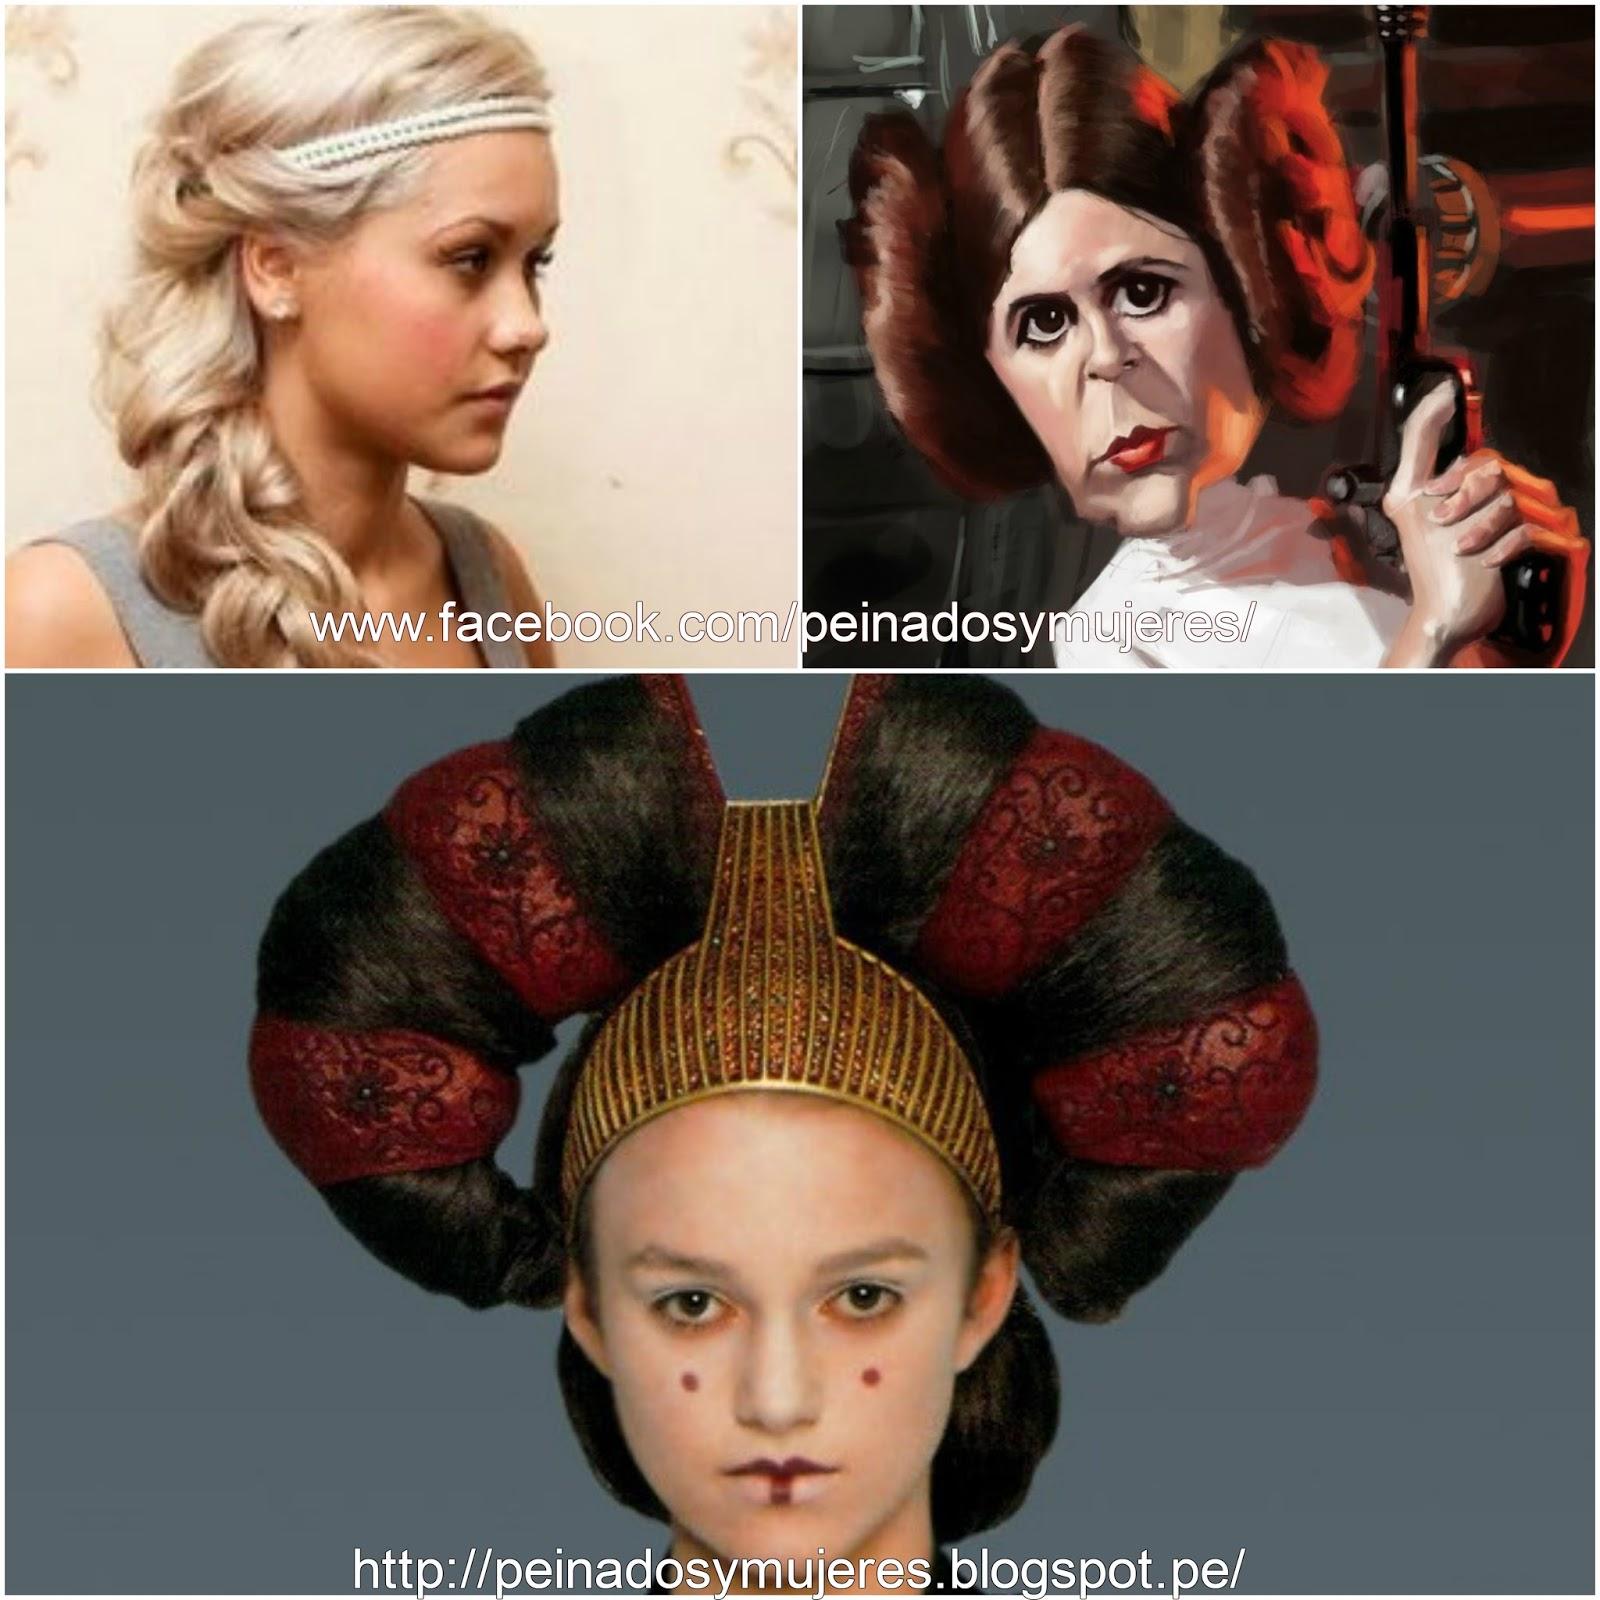 Especial De Peinados Facebook - Maria Arana maquillajes y peinados Facebook